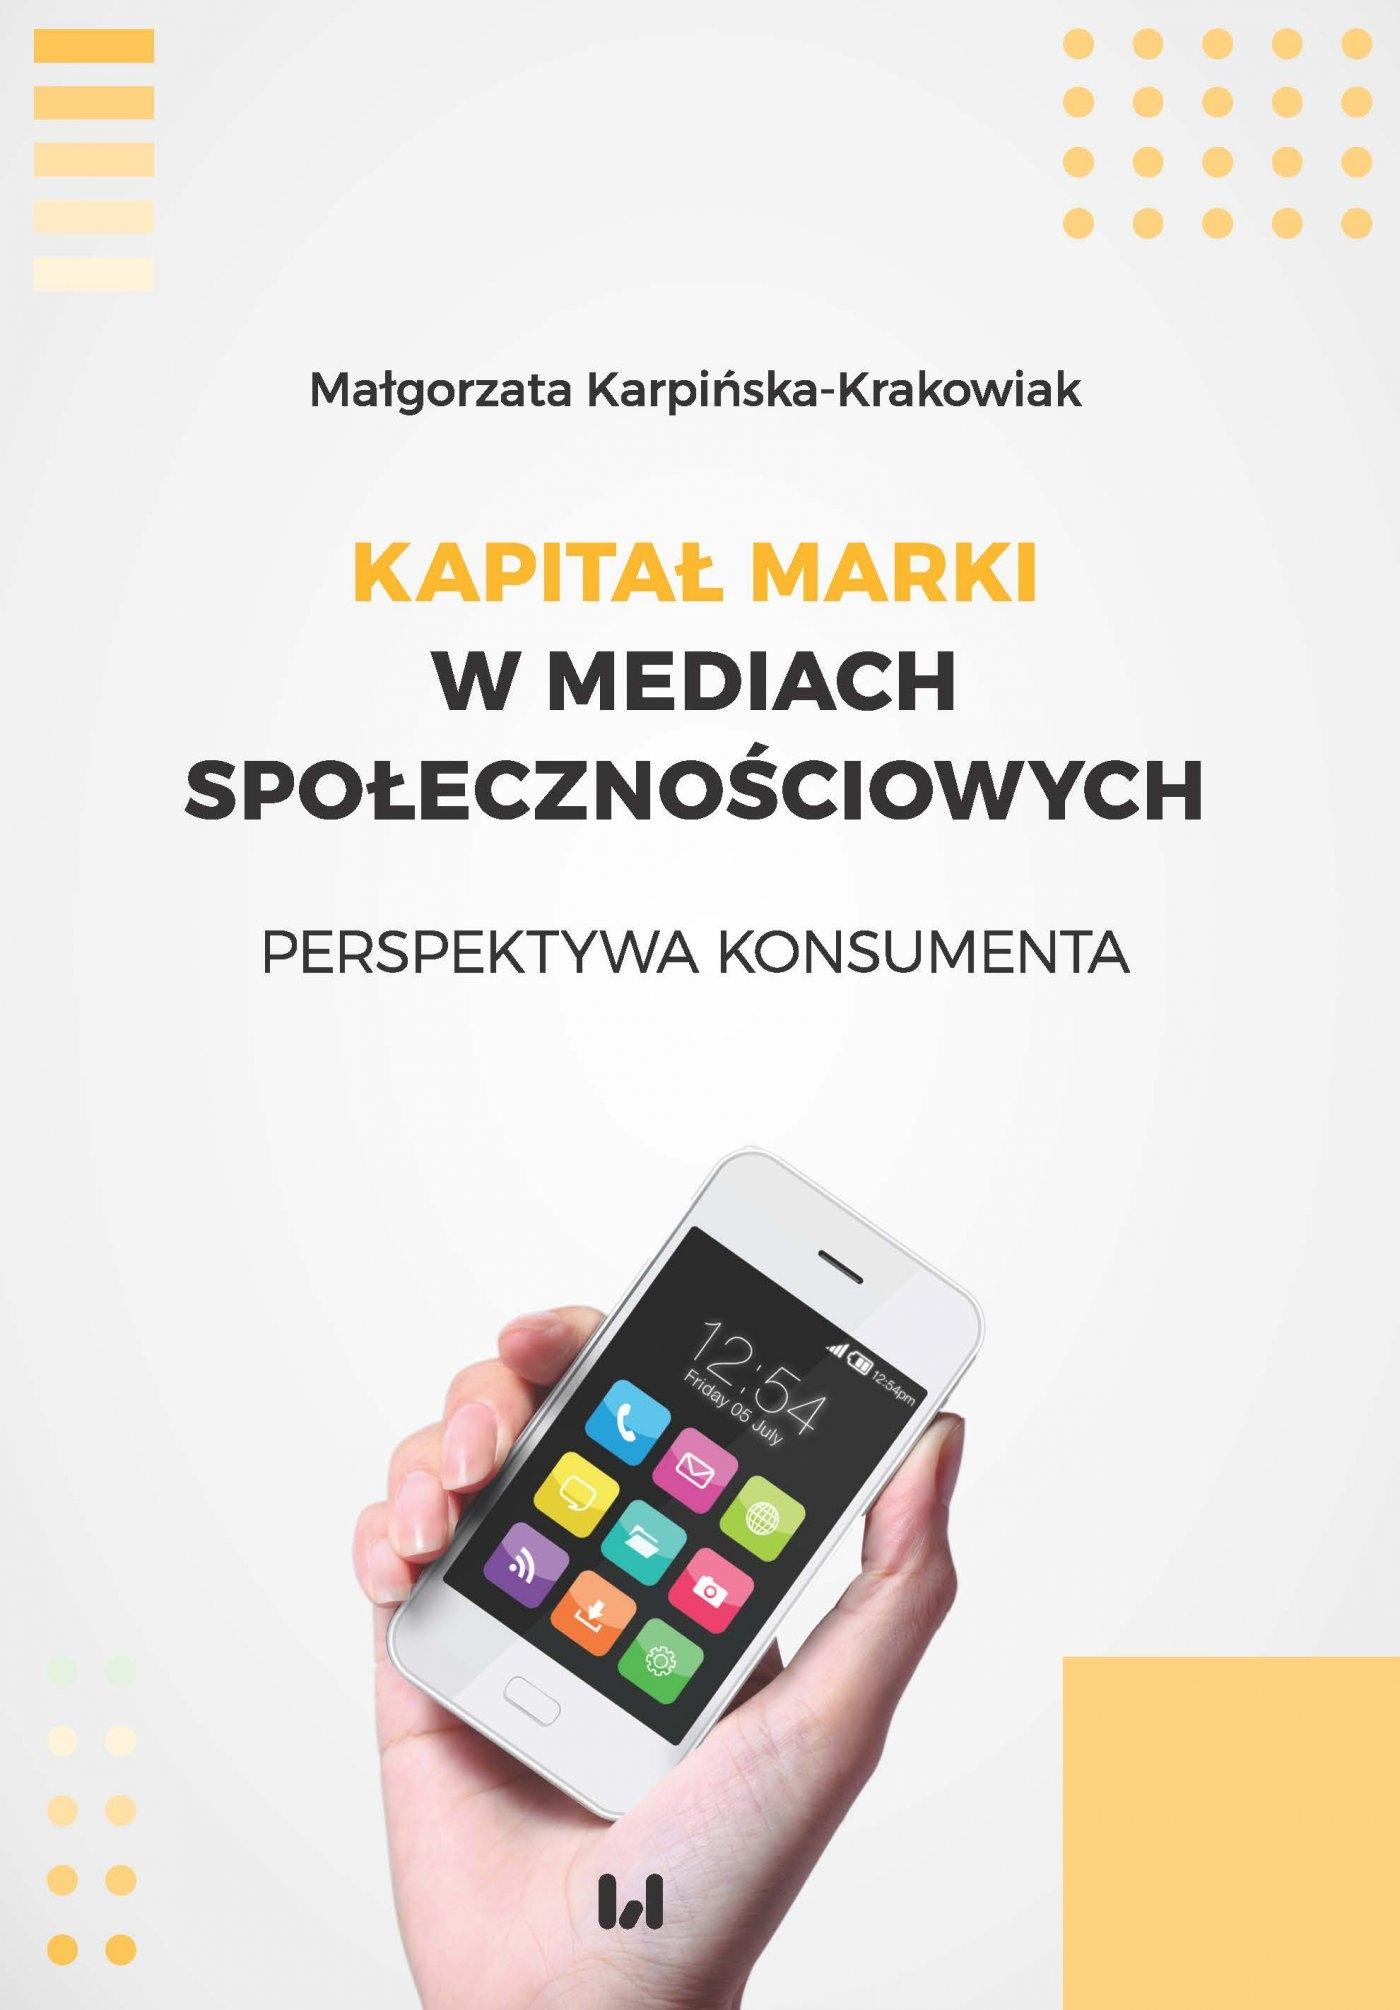 Kapitał marki w... Małgorzata Karpińska-Krakowiak